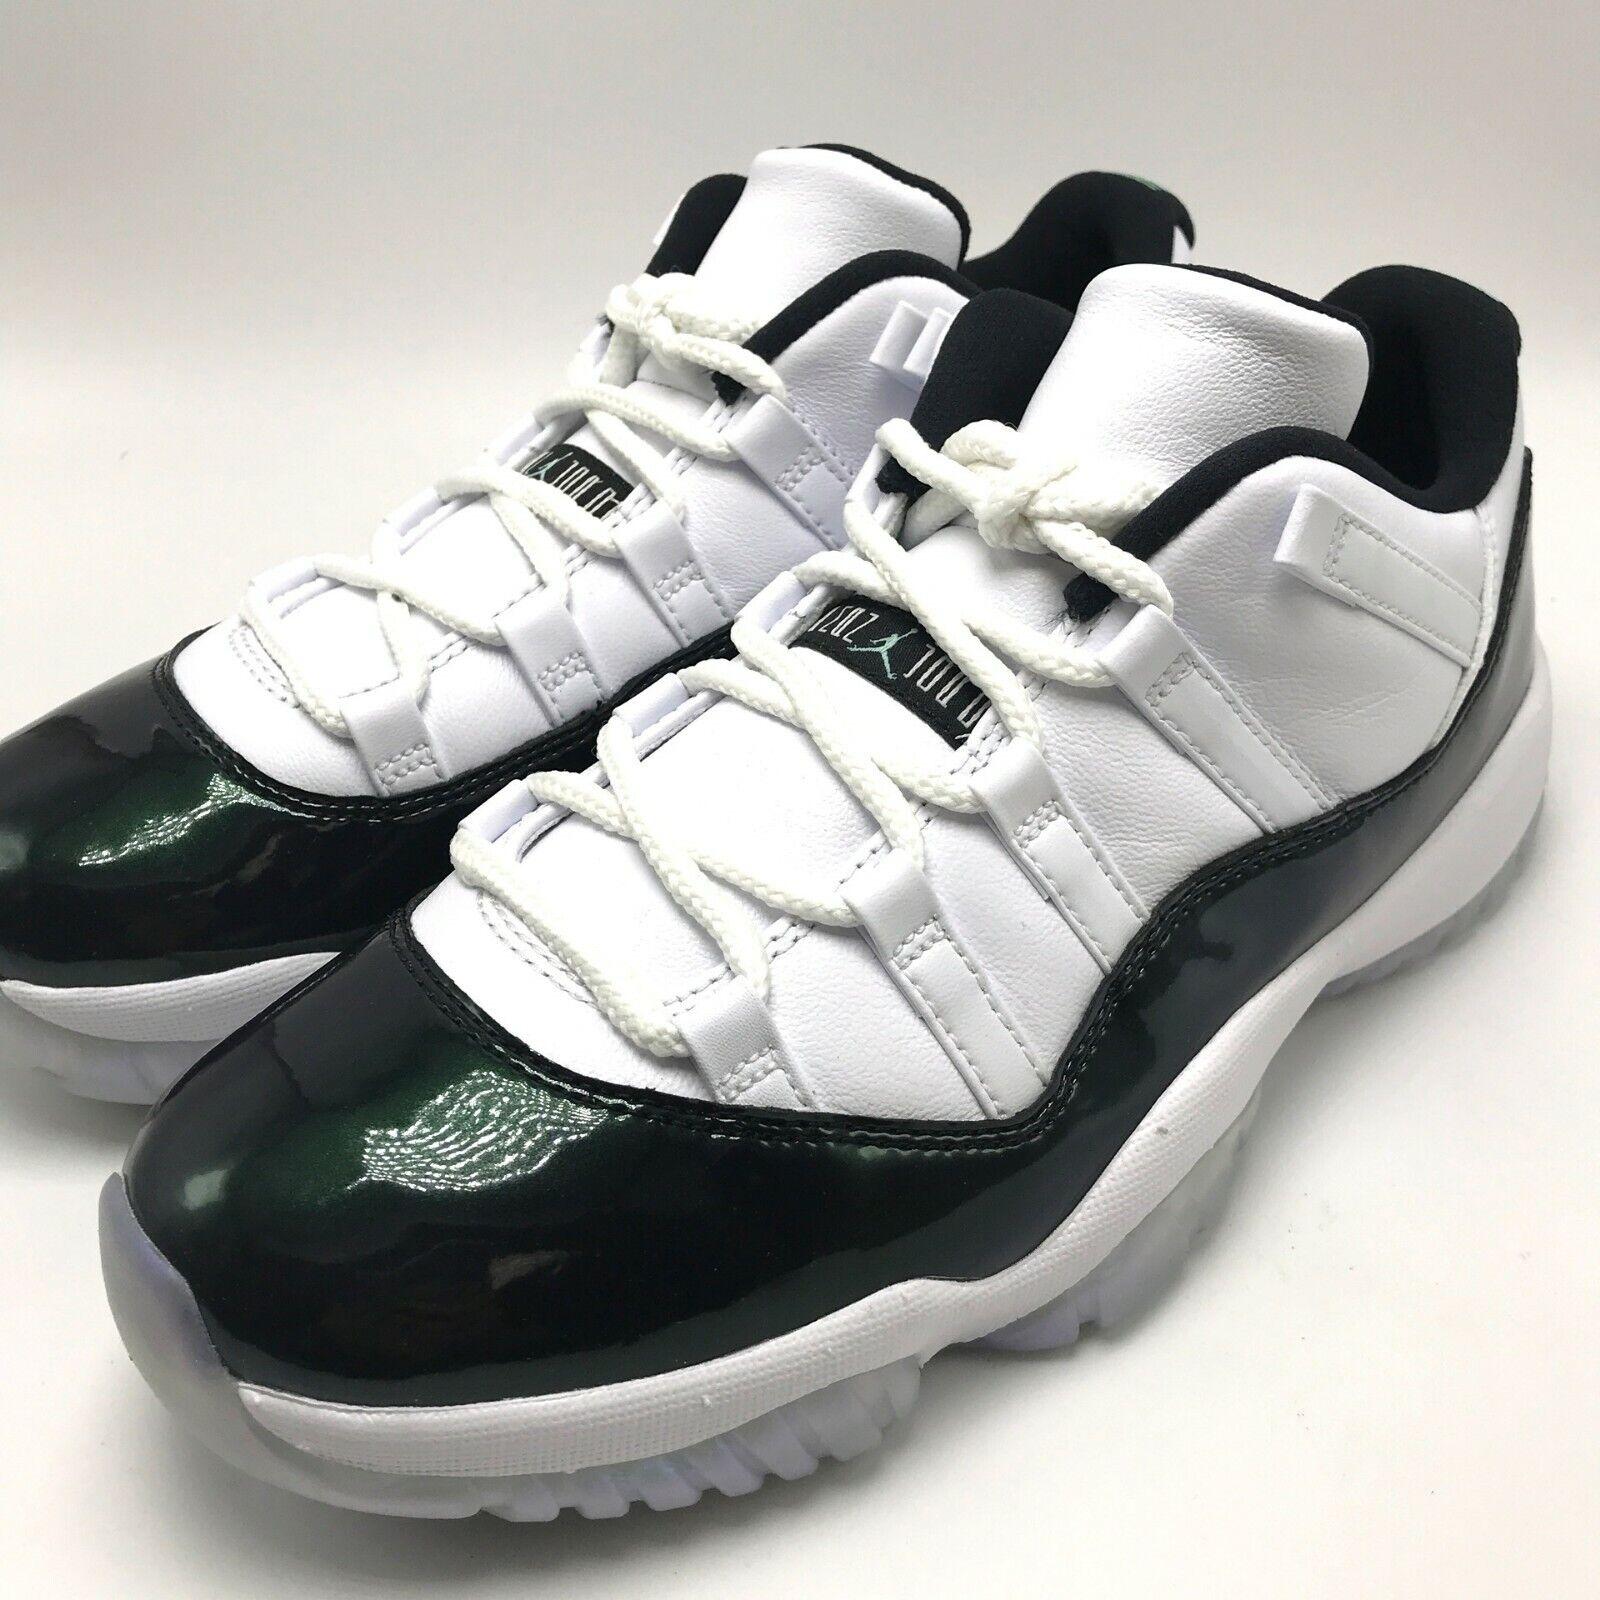 Air Jordan 11 Retro Low Men's Shoes